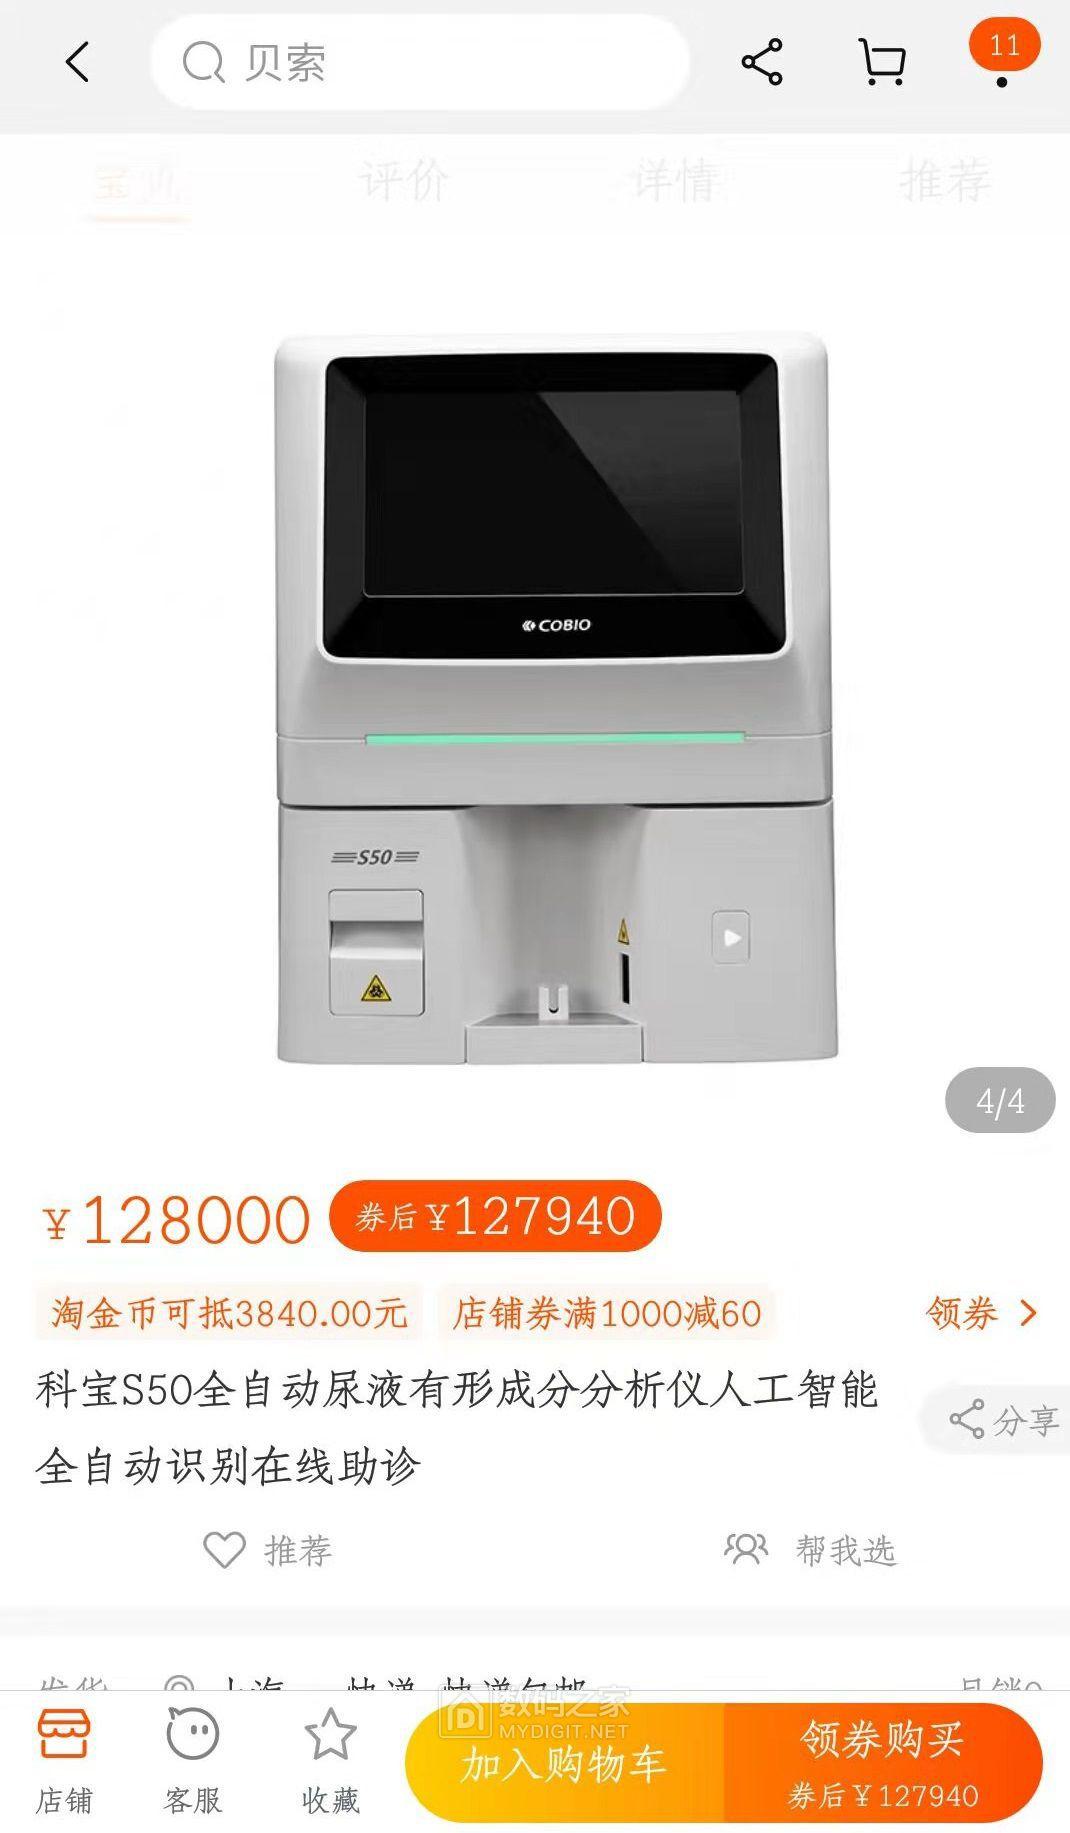 微信图片_20201223214413.jpg